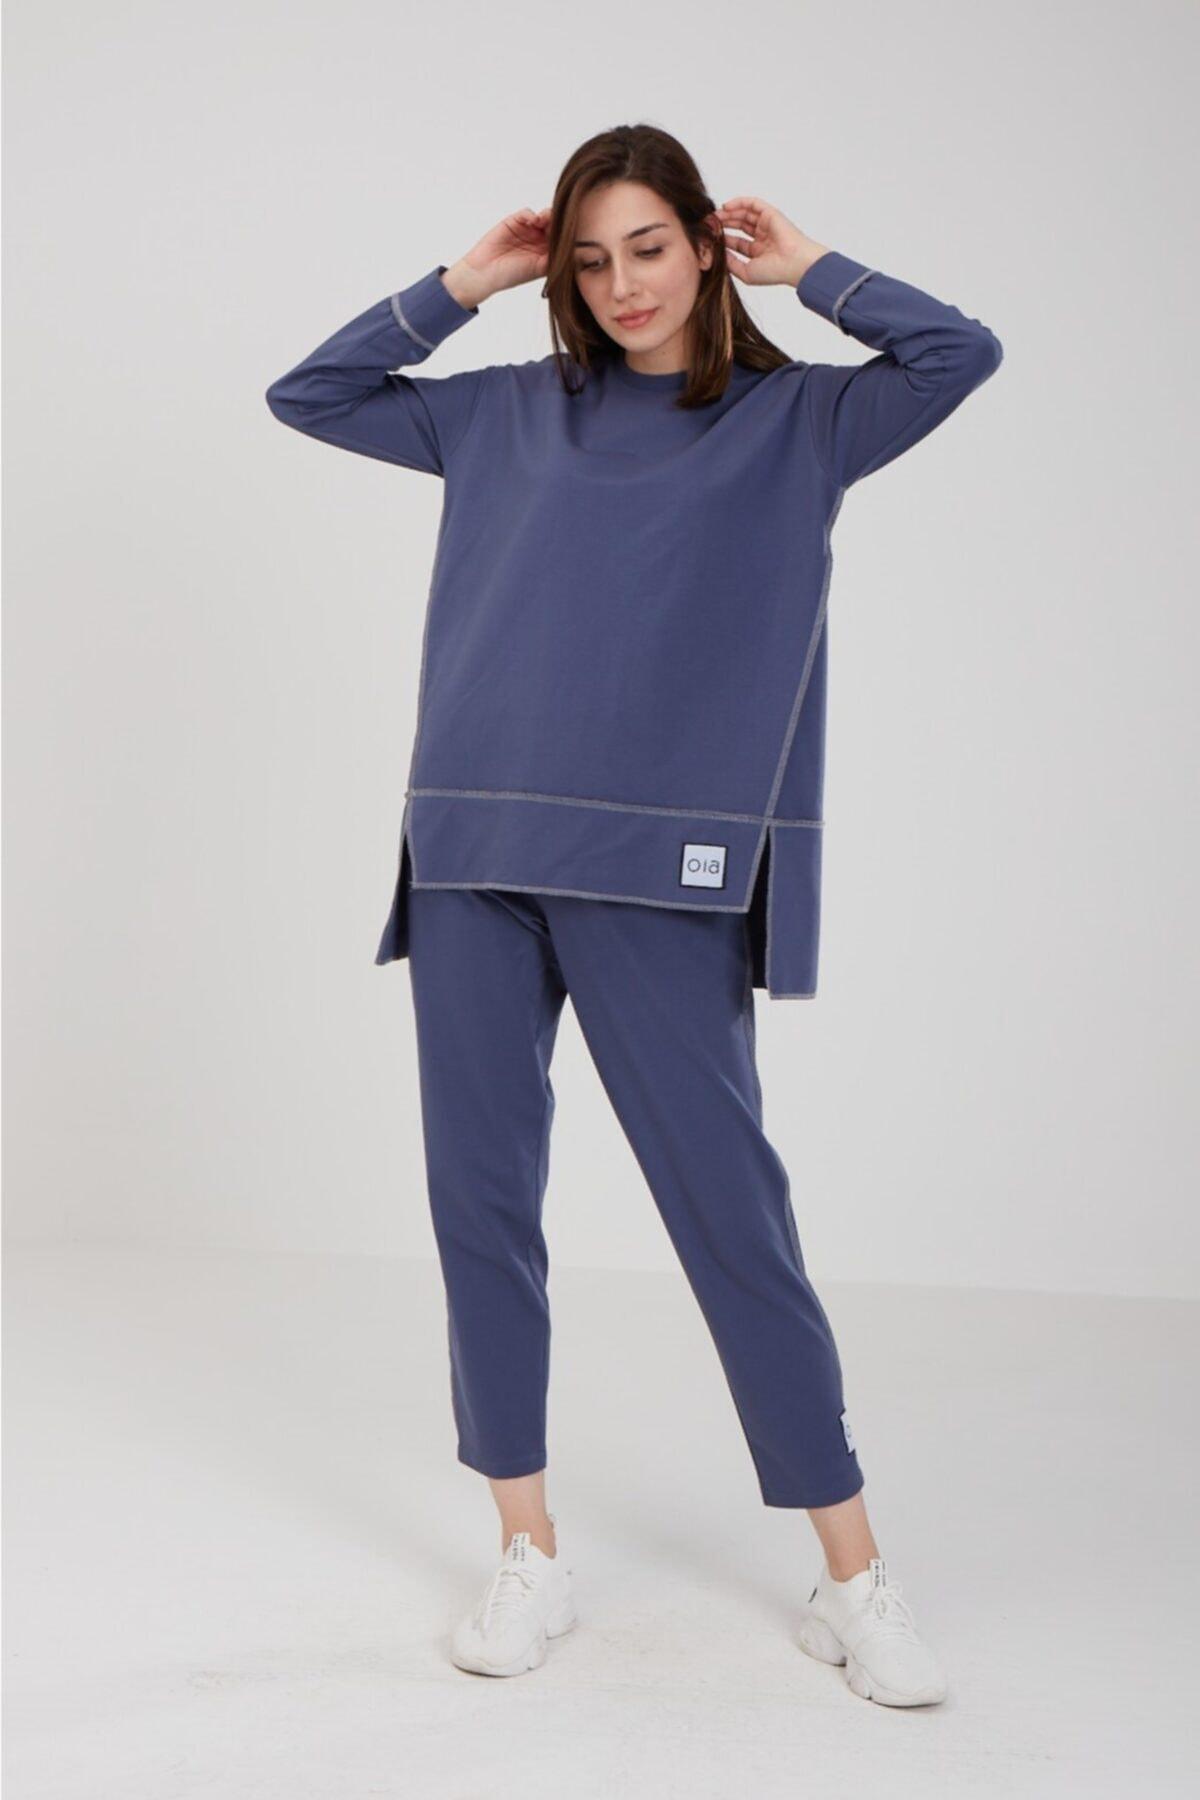 Kadın Indigo Pamuklu Tunik Pantolon Takım Eşofman